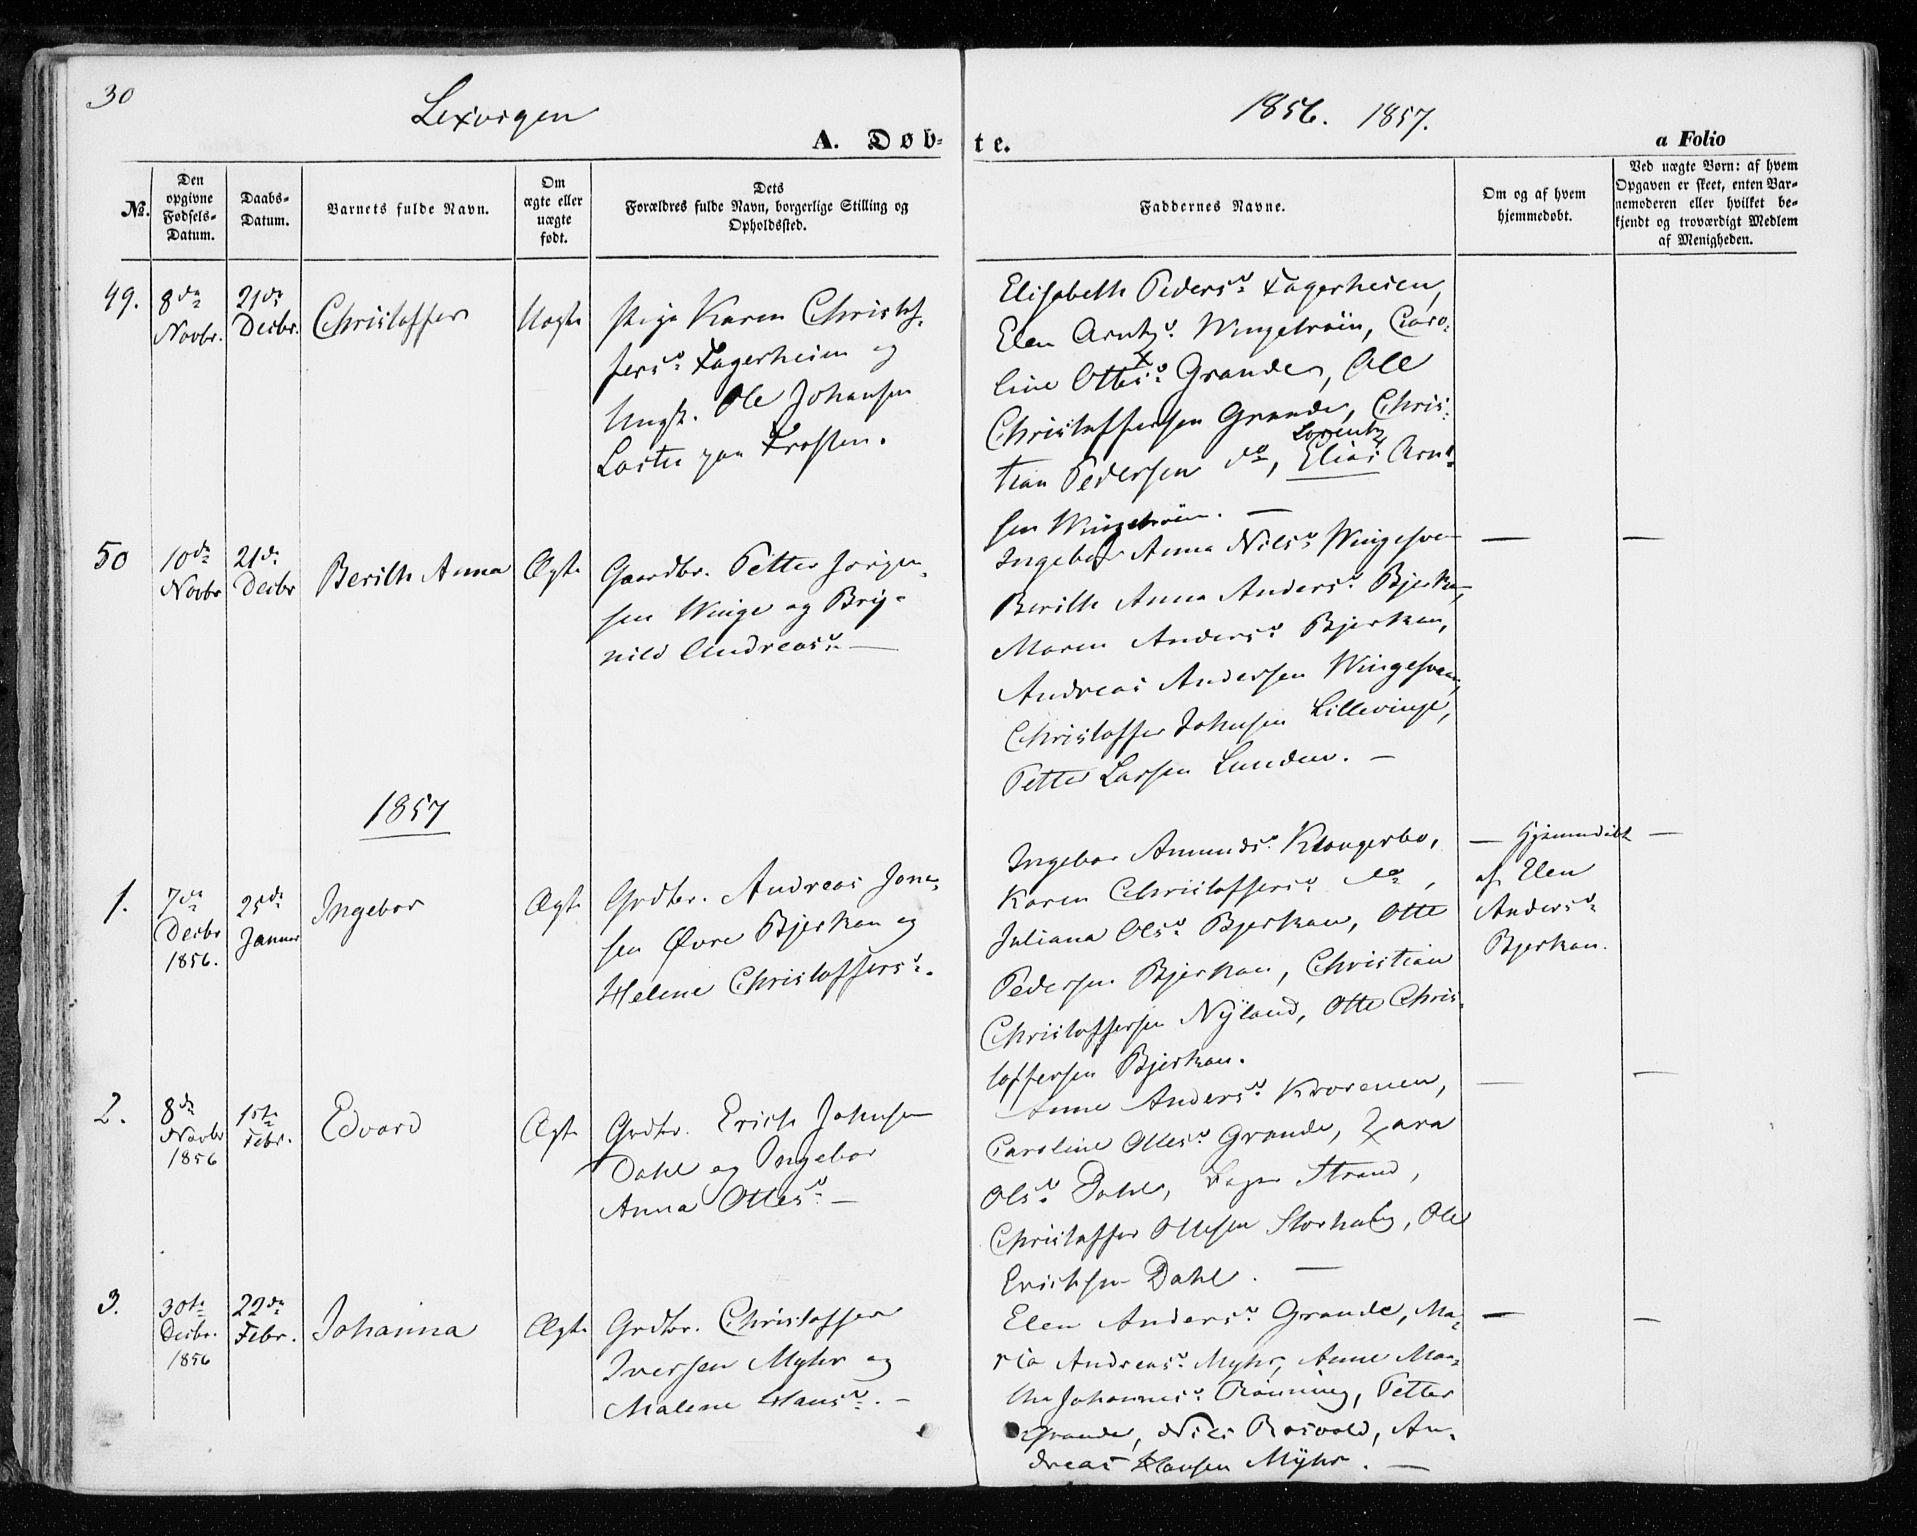 SAT, Ministerialprotokoller, klokkerbøker og fødselsregistre - Nord-Trøndelag, 701/L0008: Ministerialbok nr. 701A08 /1, 1854-1863, s. 30